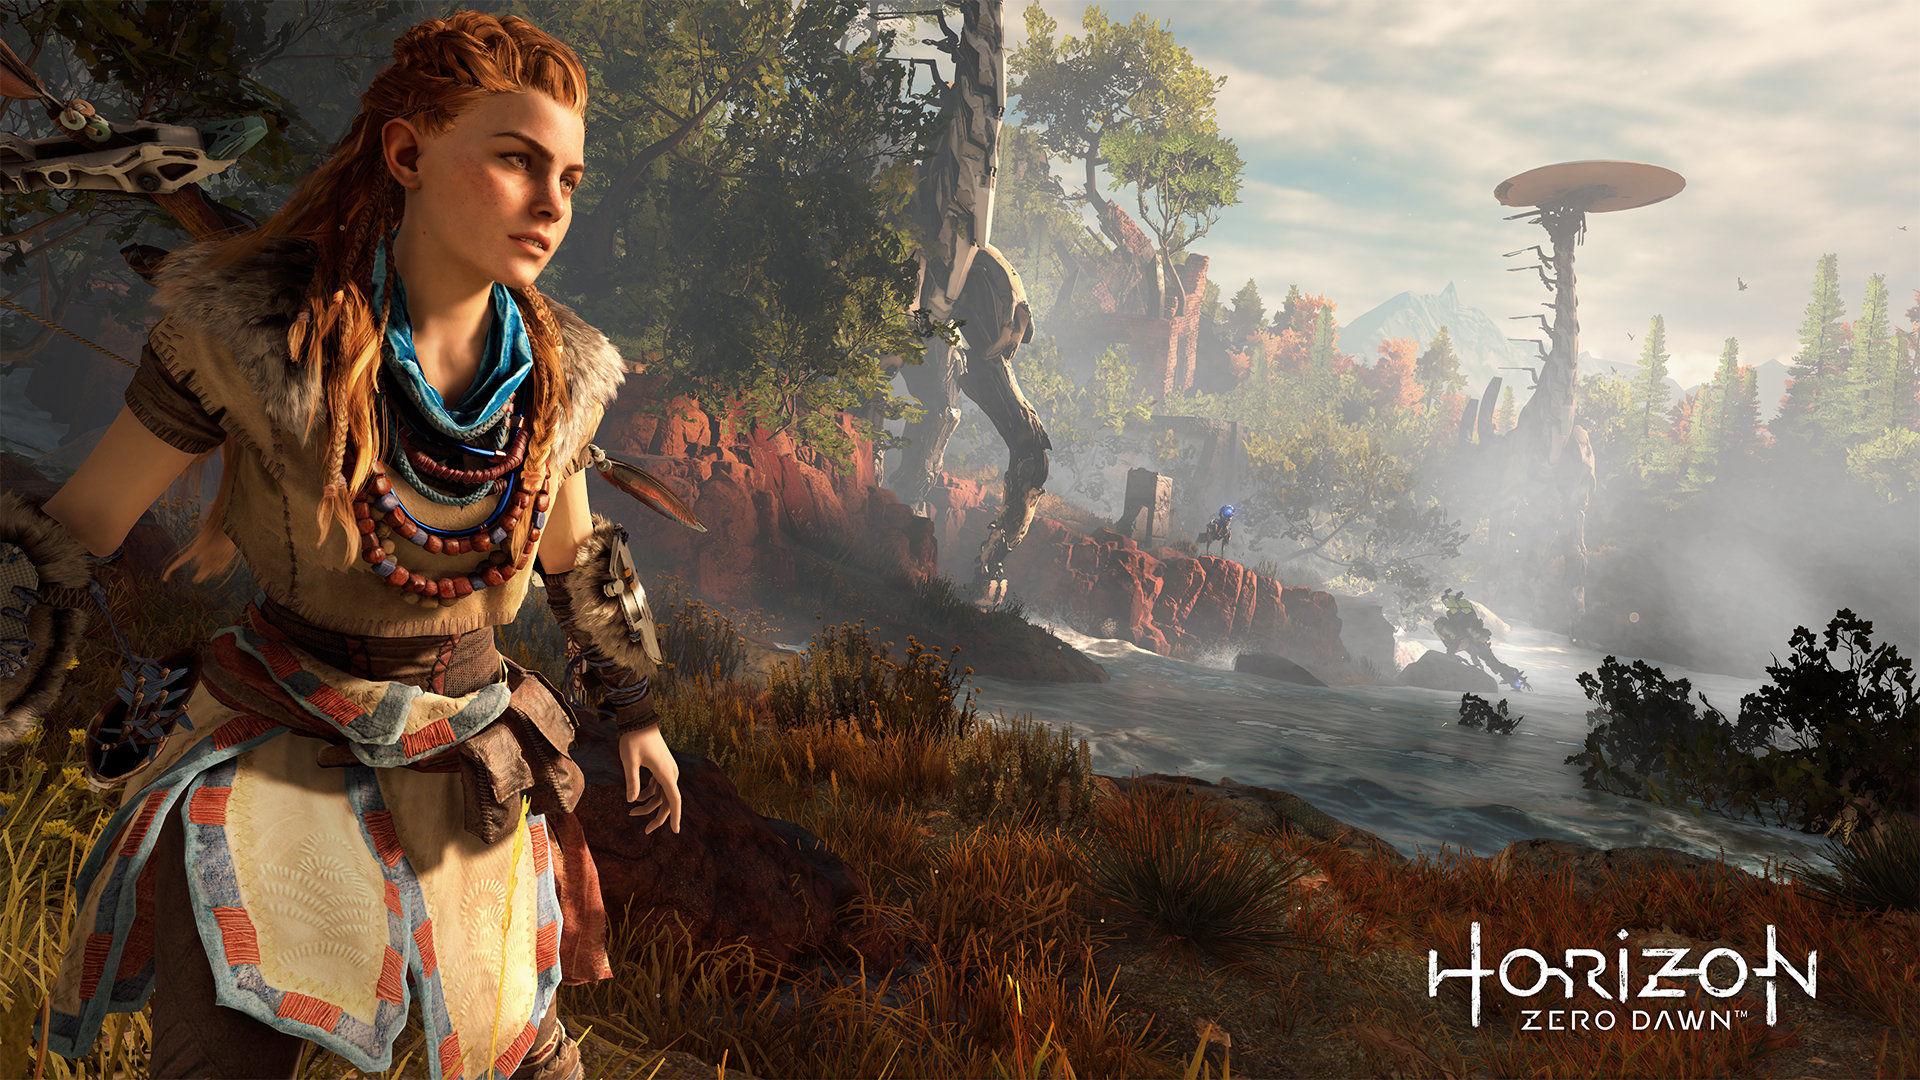 Horizon: Ich würde sie so gerne wiedersehen, doch es bleibt nur die vage Hoffnung. (Bild: Guerilla Games/Sony)